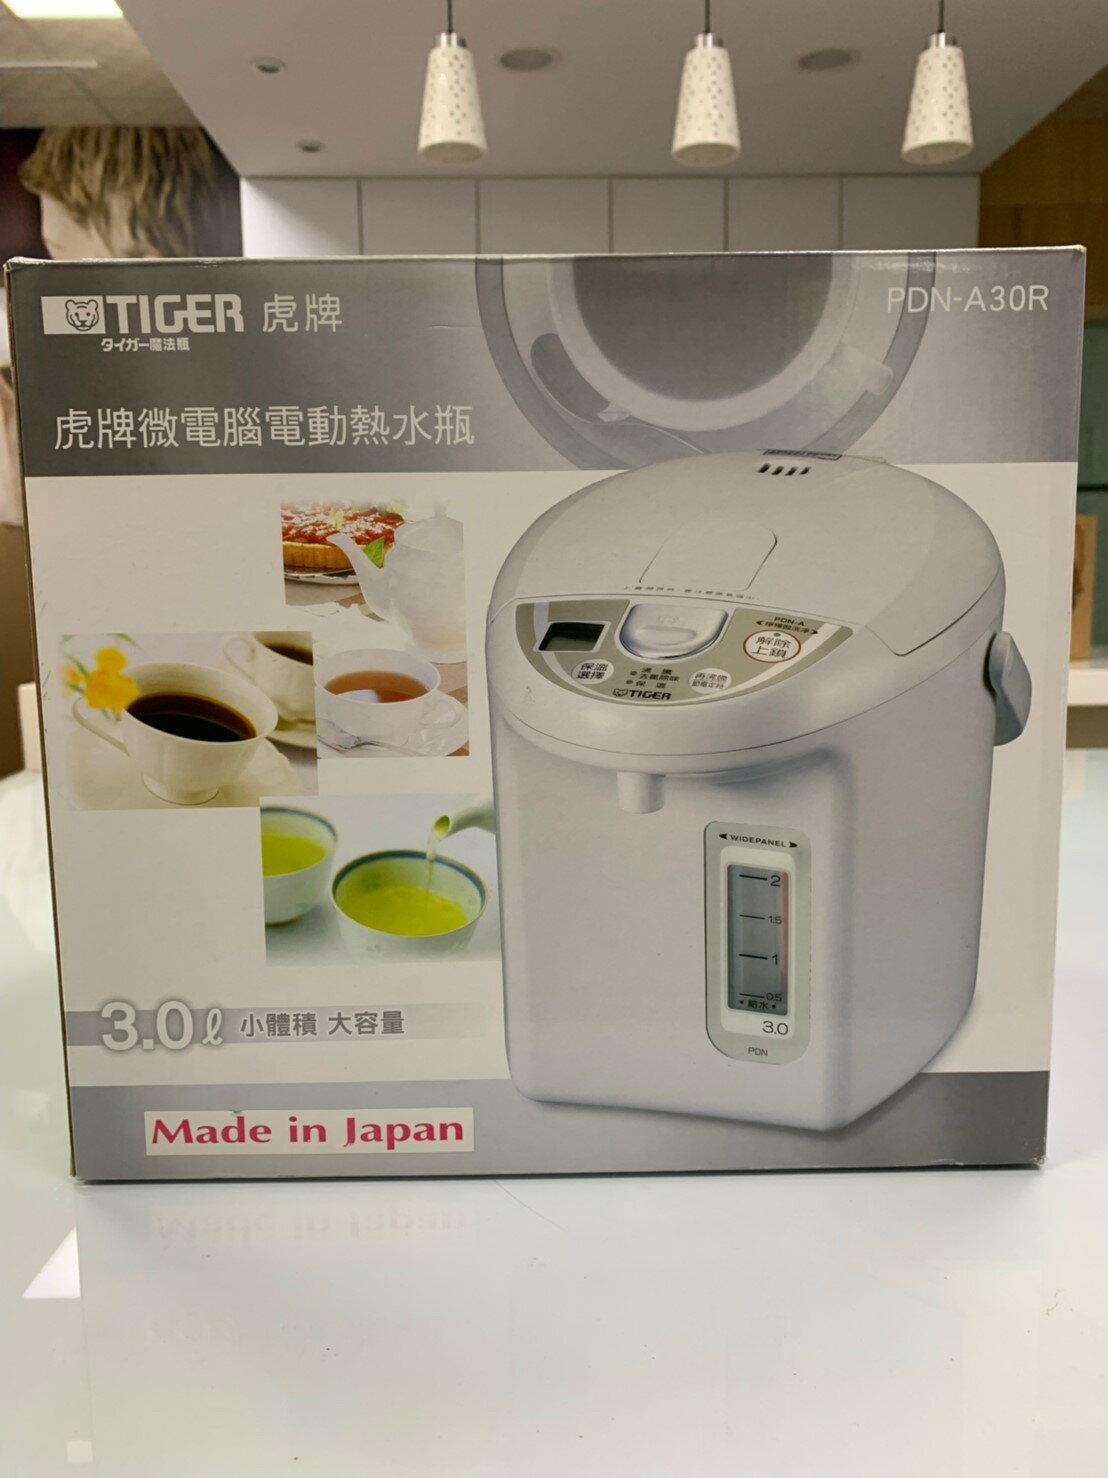 日本原裝進口 限量一台 ★杰米家電☆虎牌【PDR-S30R】3公升熱水瓶